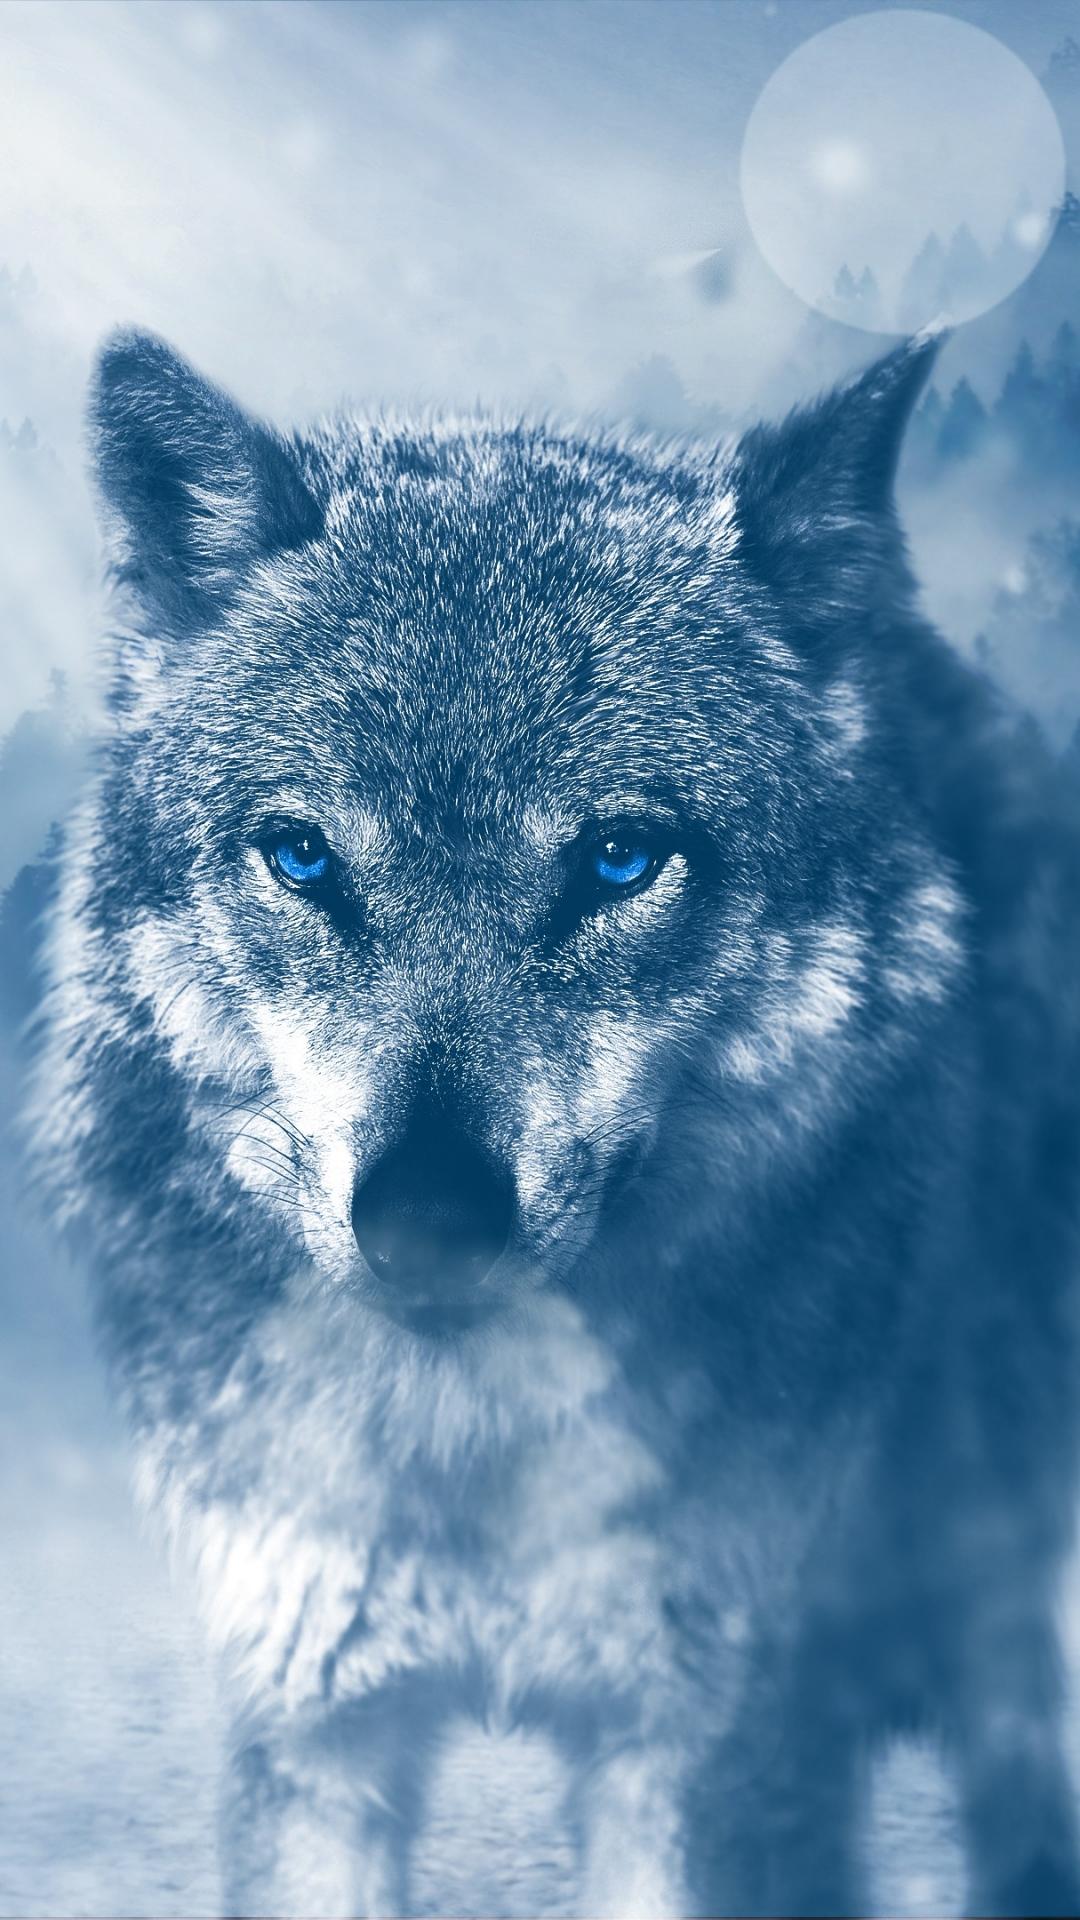 iphone wallpaper wolf predator photoshop look 3Wallpapers : notre sélection de fonds décran iPhone du 19/08/2017